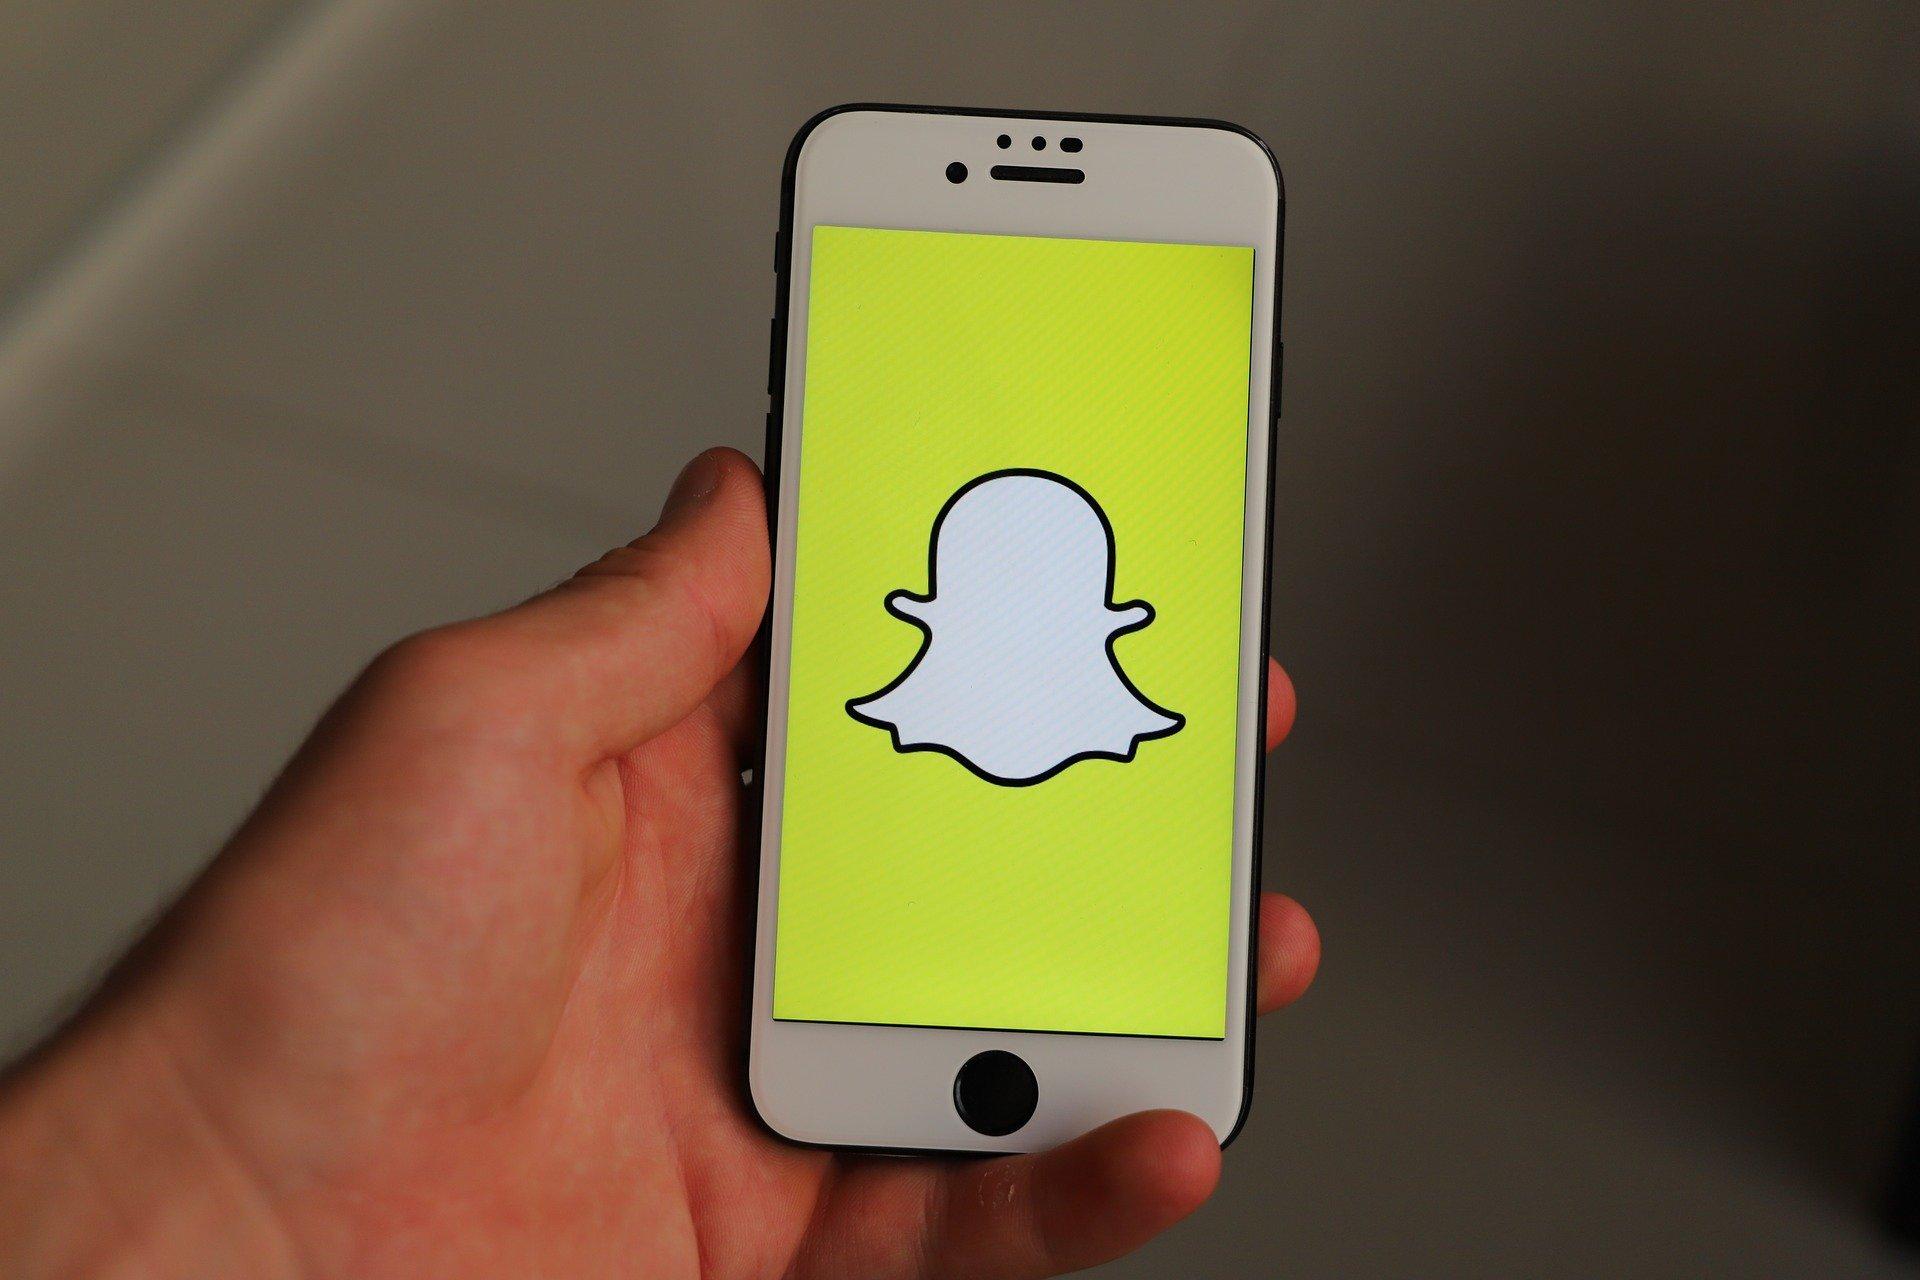 Snapchat users